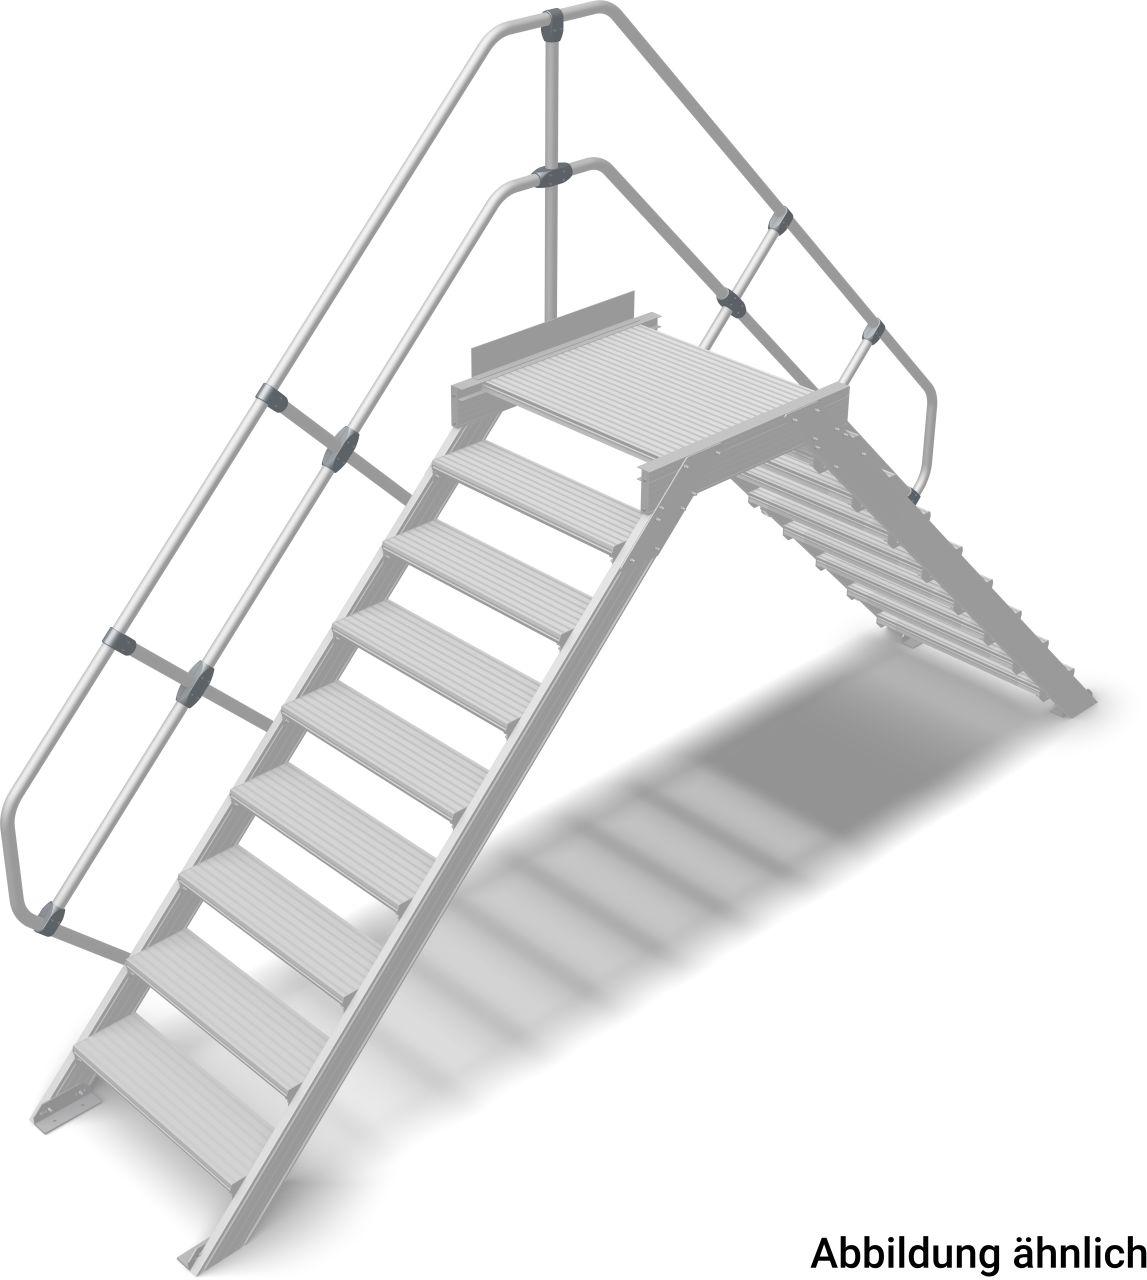 Überstieg (Leichtmetall) Das stationäre oder fahrbare Arbeitsmittel für alle Anwendungen, bei denen Hindernisse sicher überbrückt werden müssen in Anlehnung an die DIN EN ISO 14122